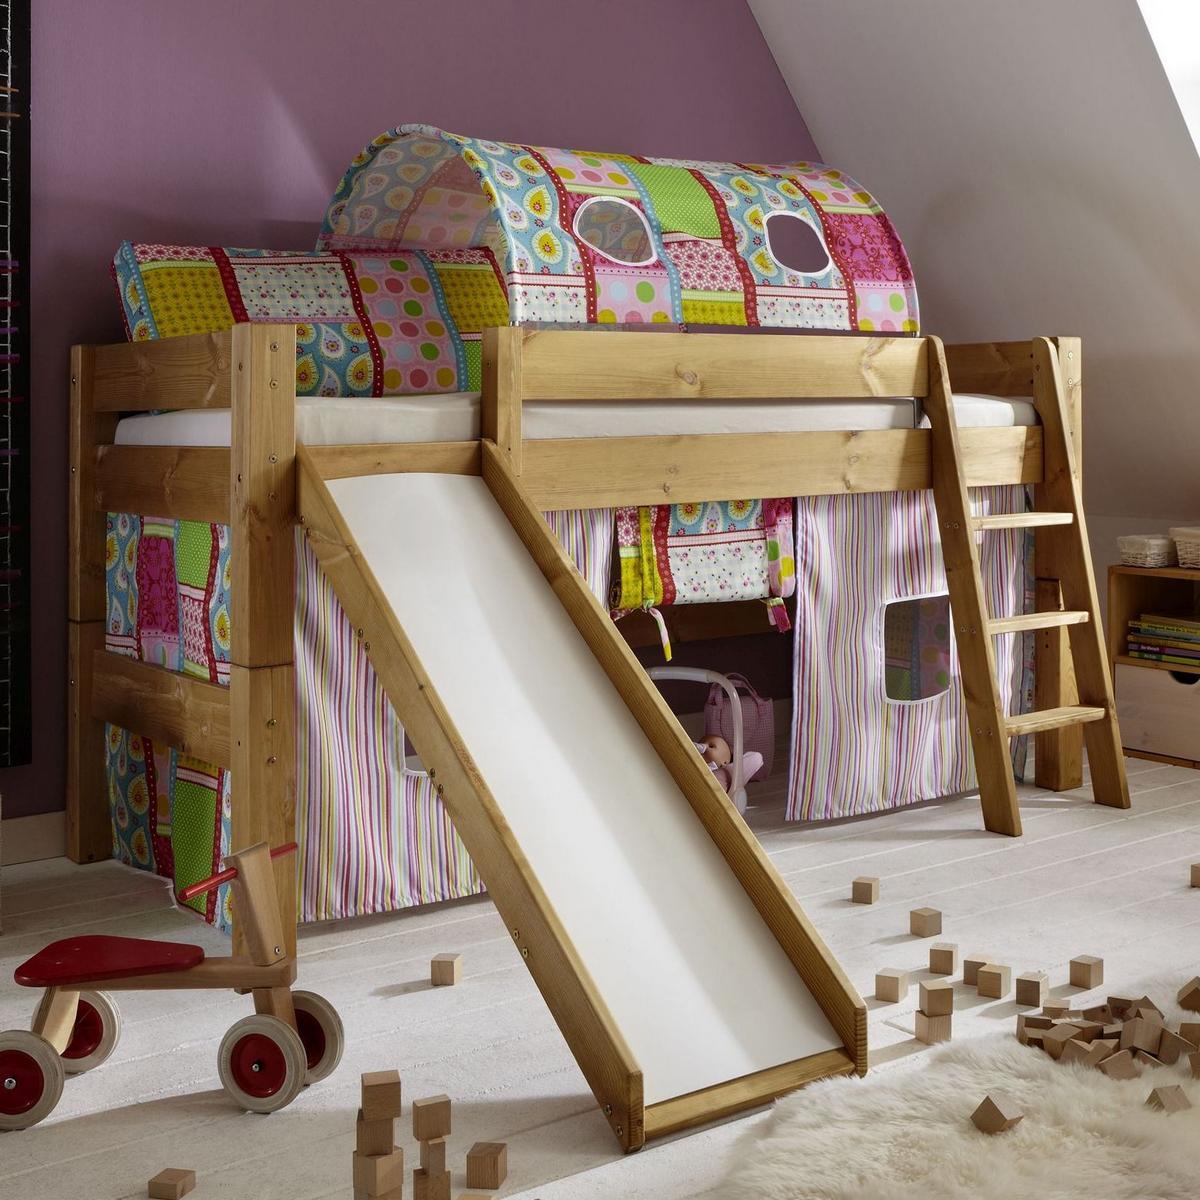 Spielbett hochbett mit rutsche tobykids kiefer massiv gelaugt ge lt natur lackiert butterfly - Hochbett mit rutsche ...